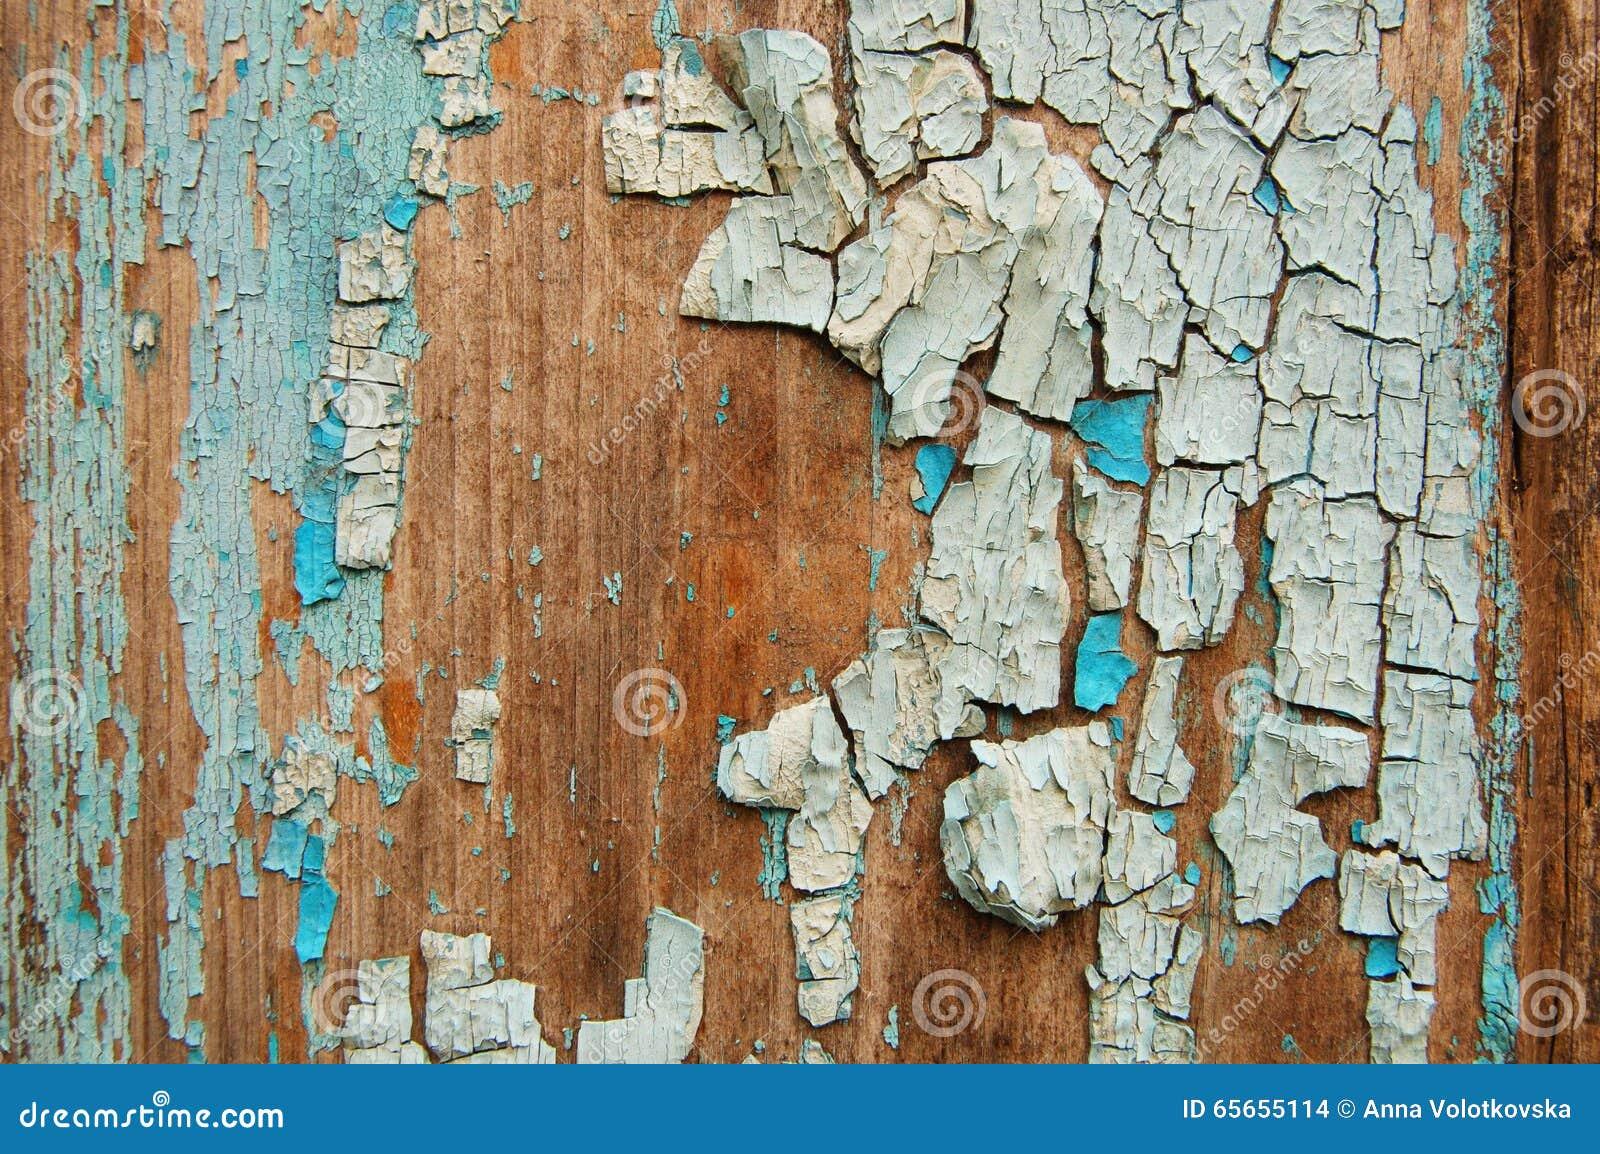 Peinture criqu e sur un mur en bois mur des planches en bois avec des traces de peinture photo - Droit locataire peinture murs ...